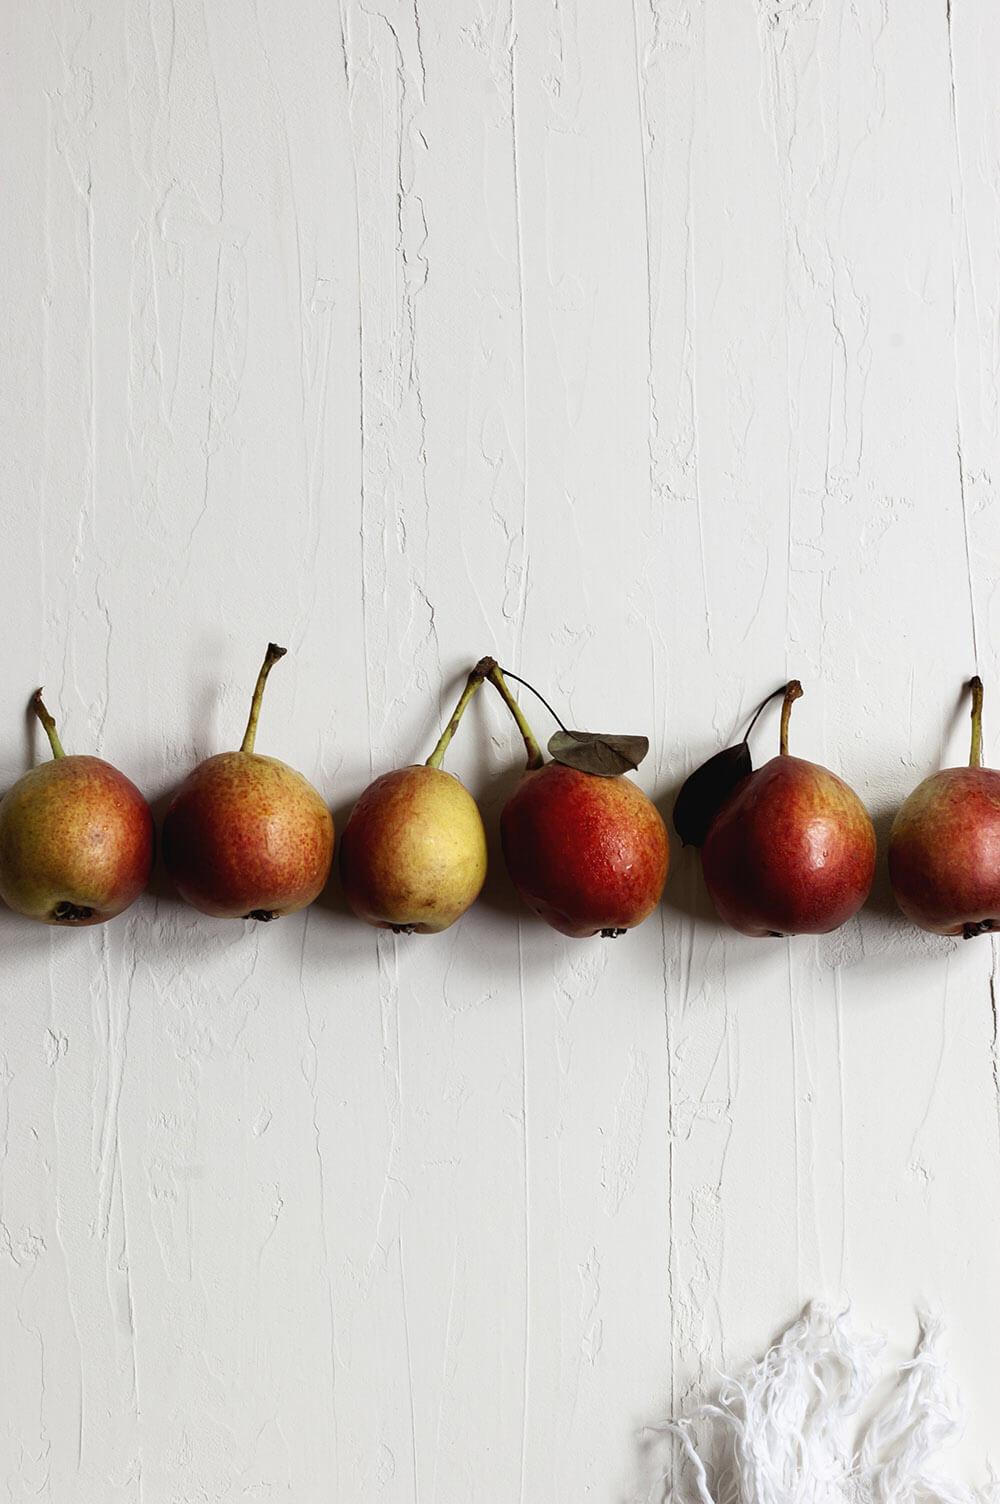 fotografia de peras de magallon